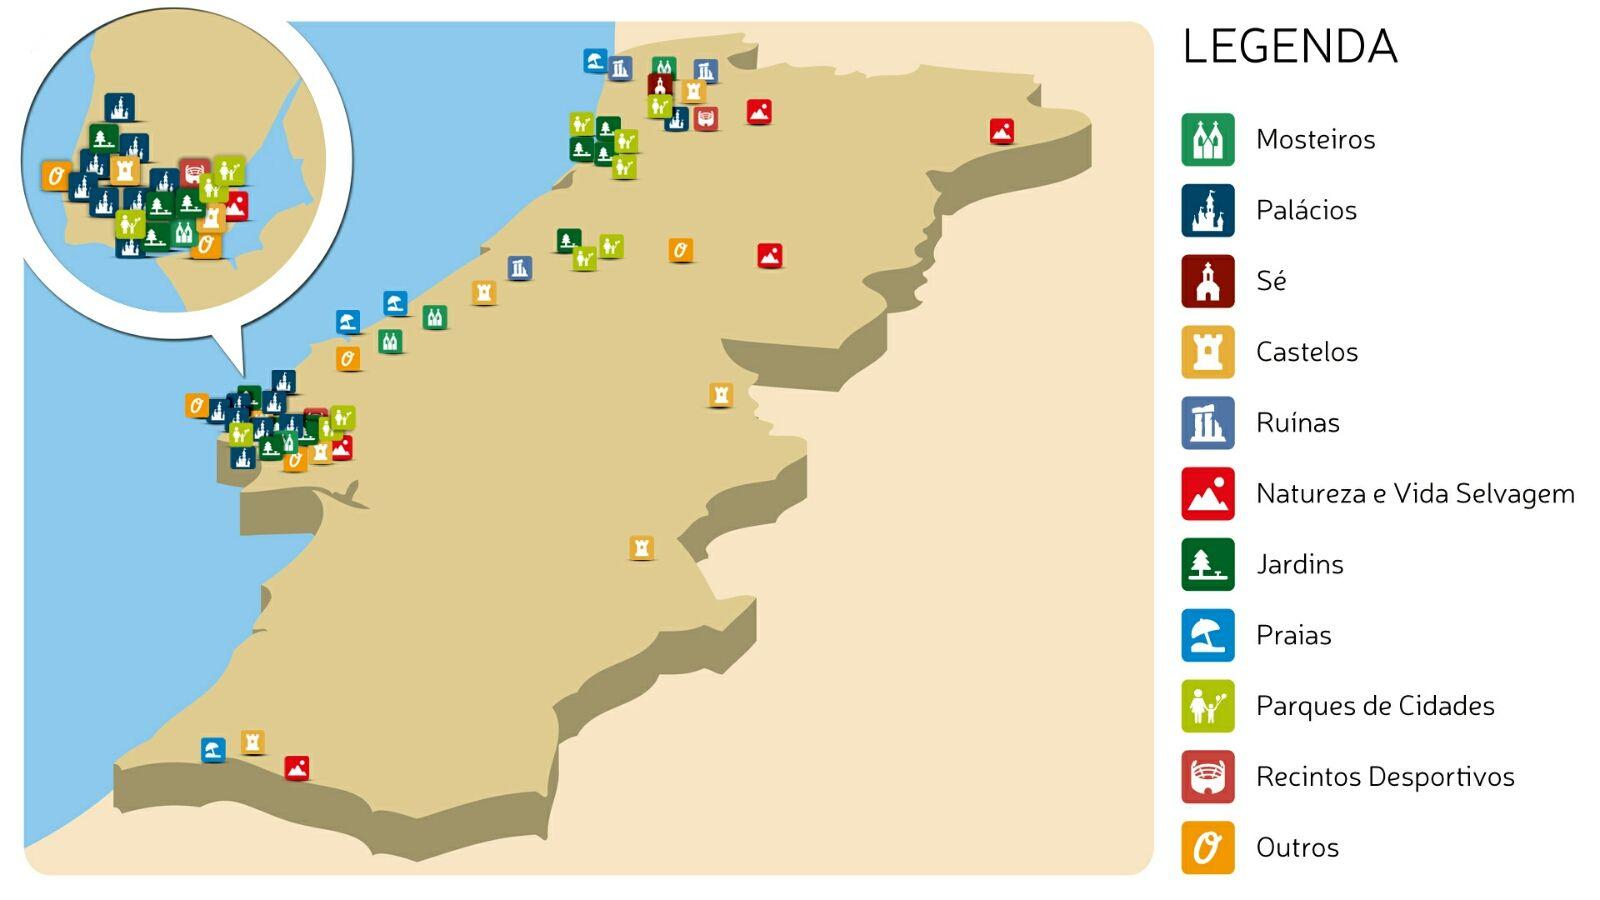 Mapa com pormenor